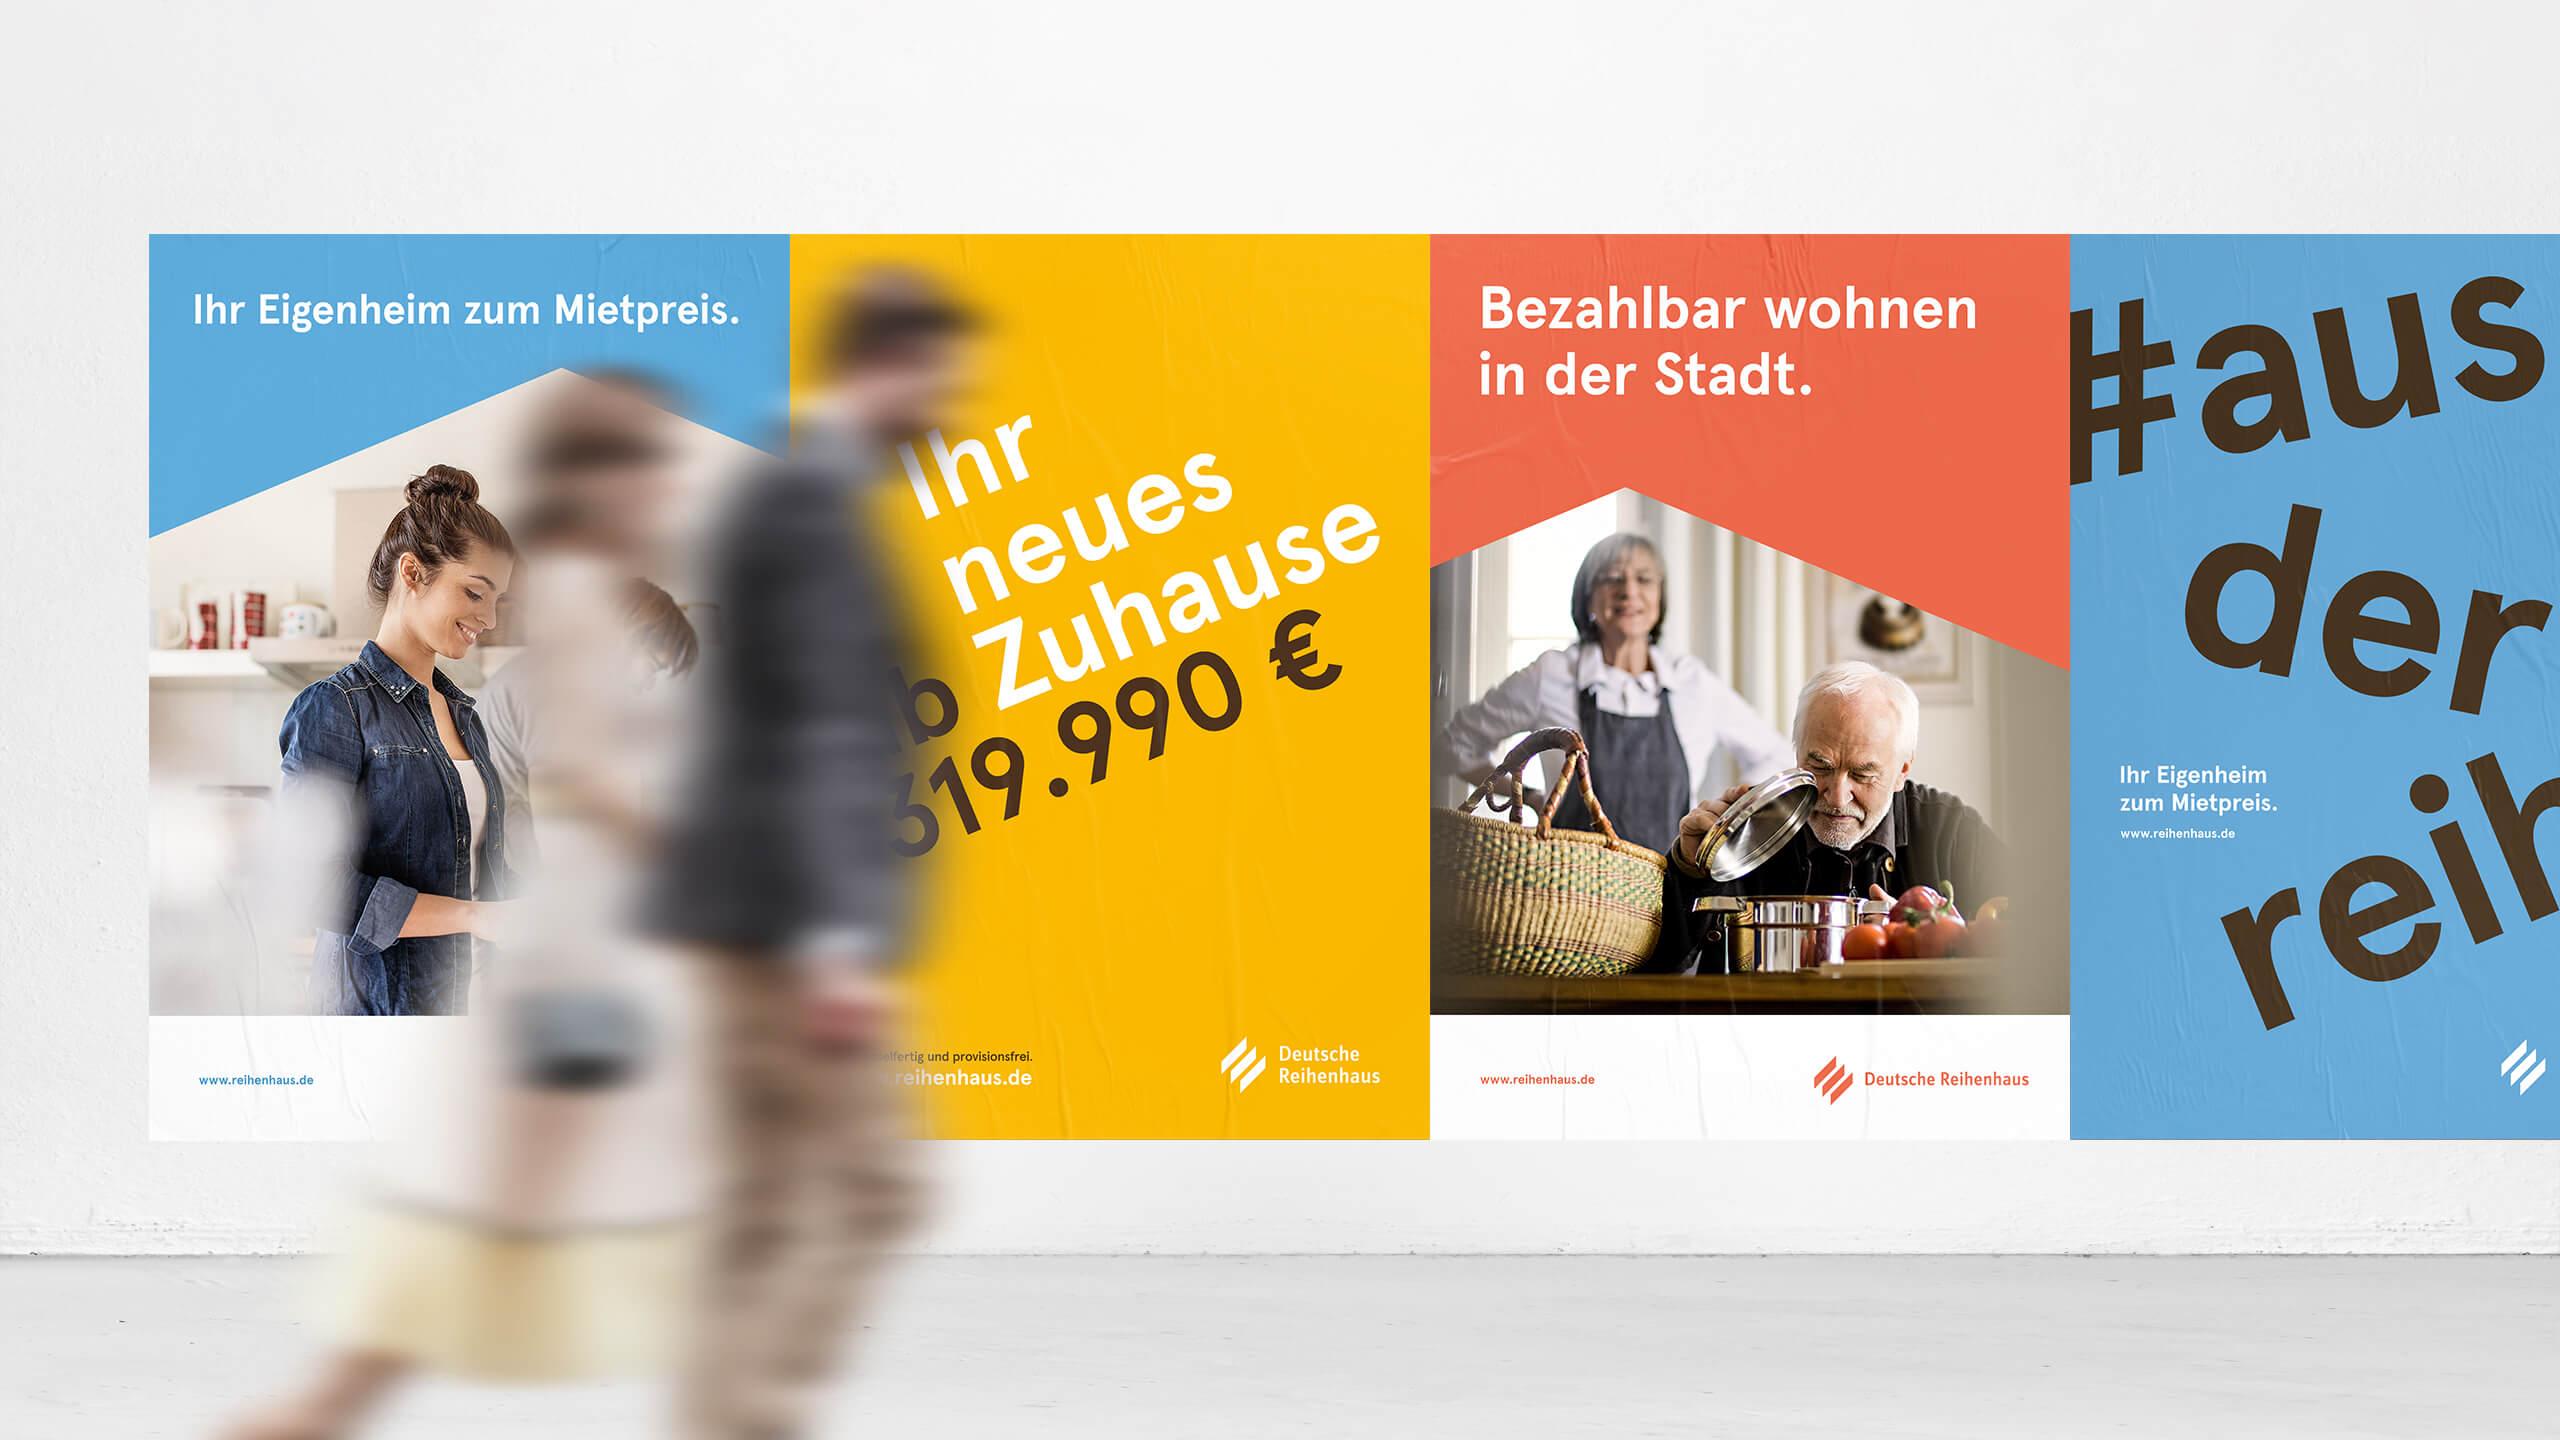 Deutsche Reihenhaus Erfahrungsberichte